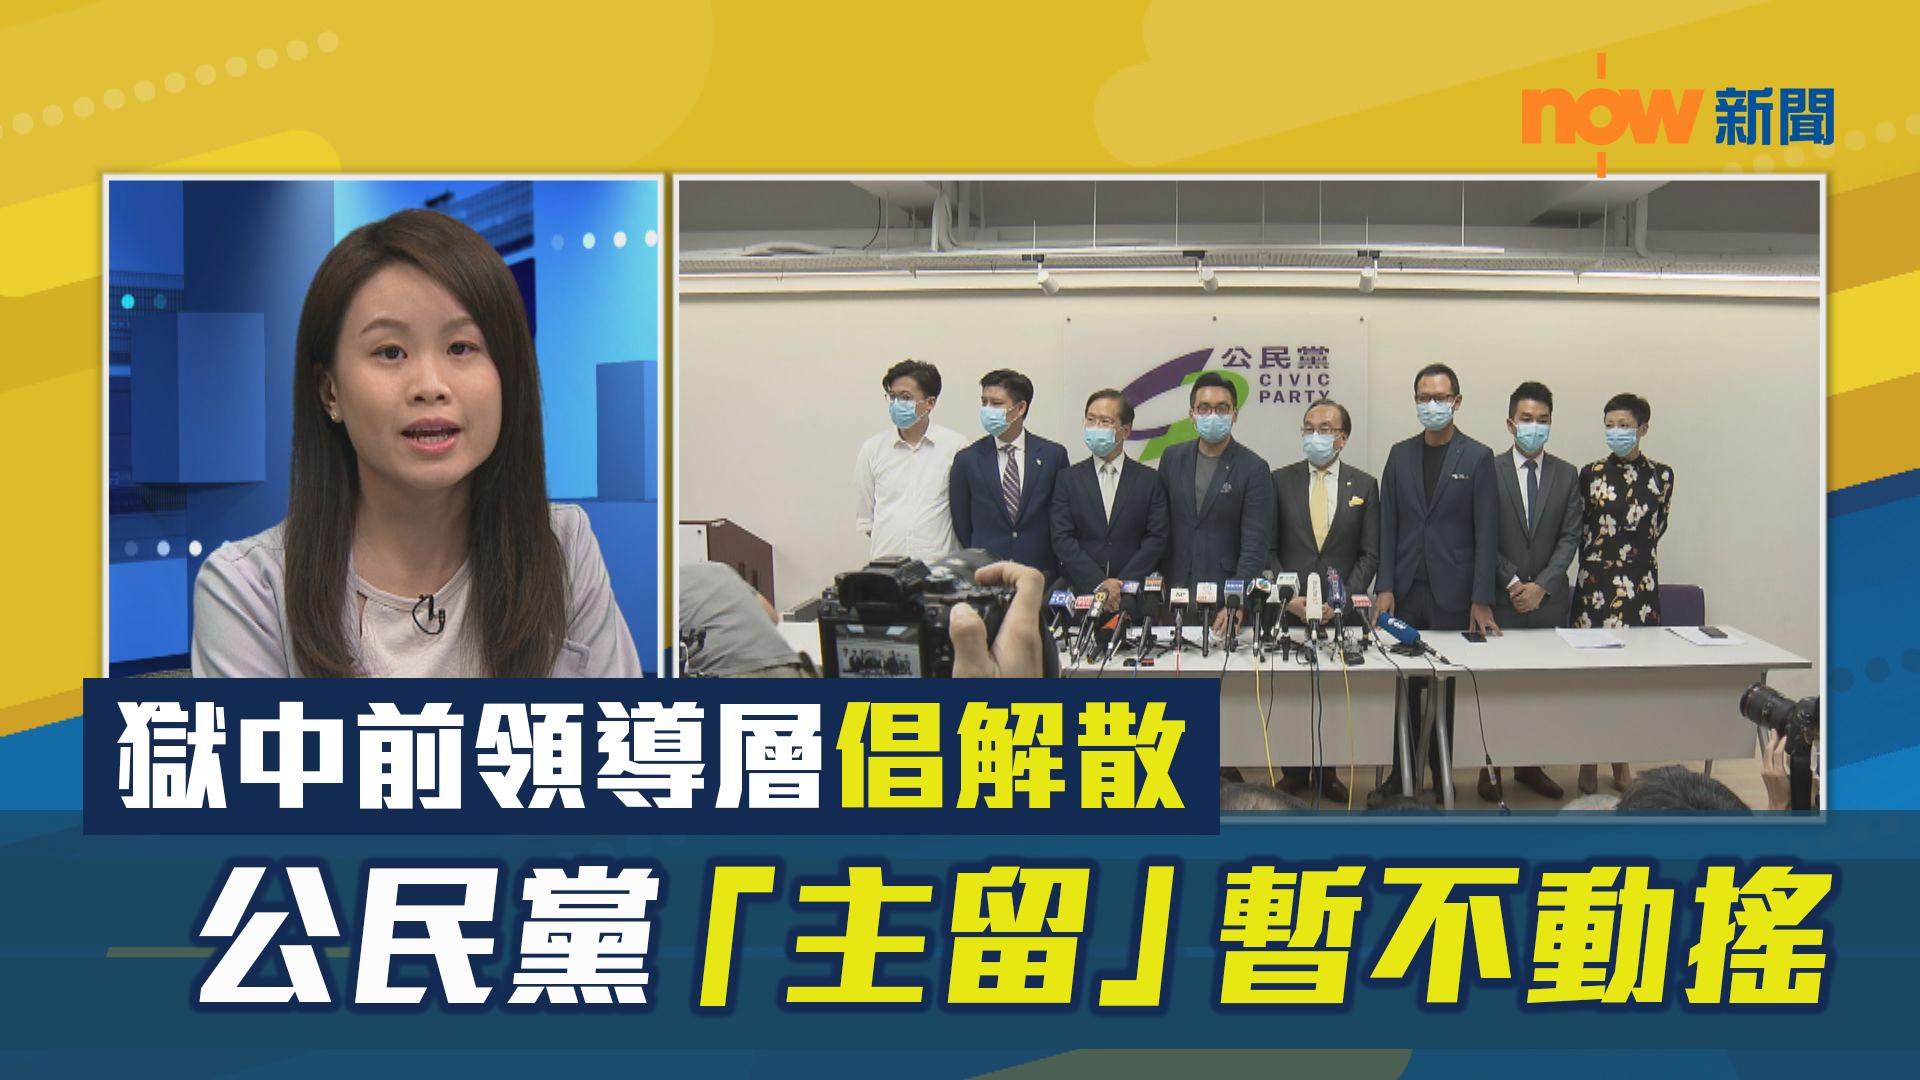 【政情】獄中前領導層倡解散 公民黨「主留」暫不動搖